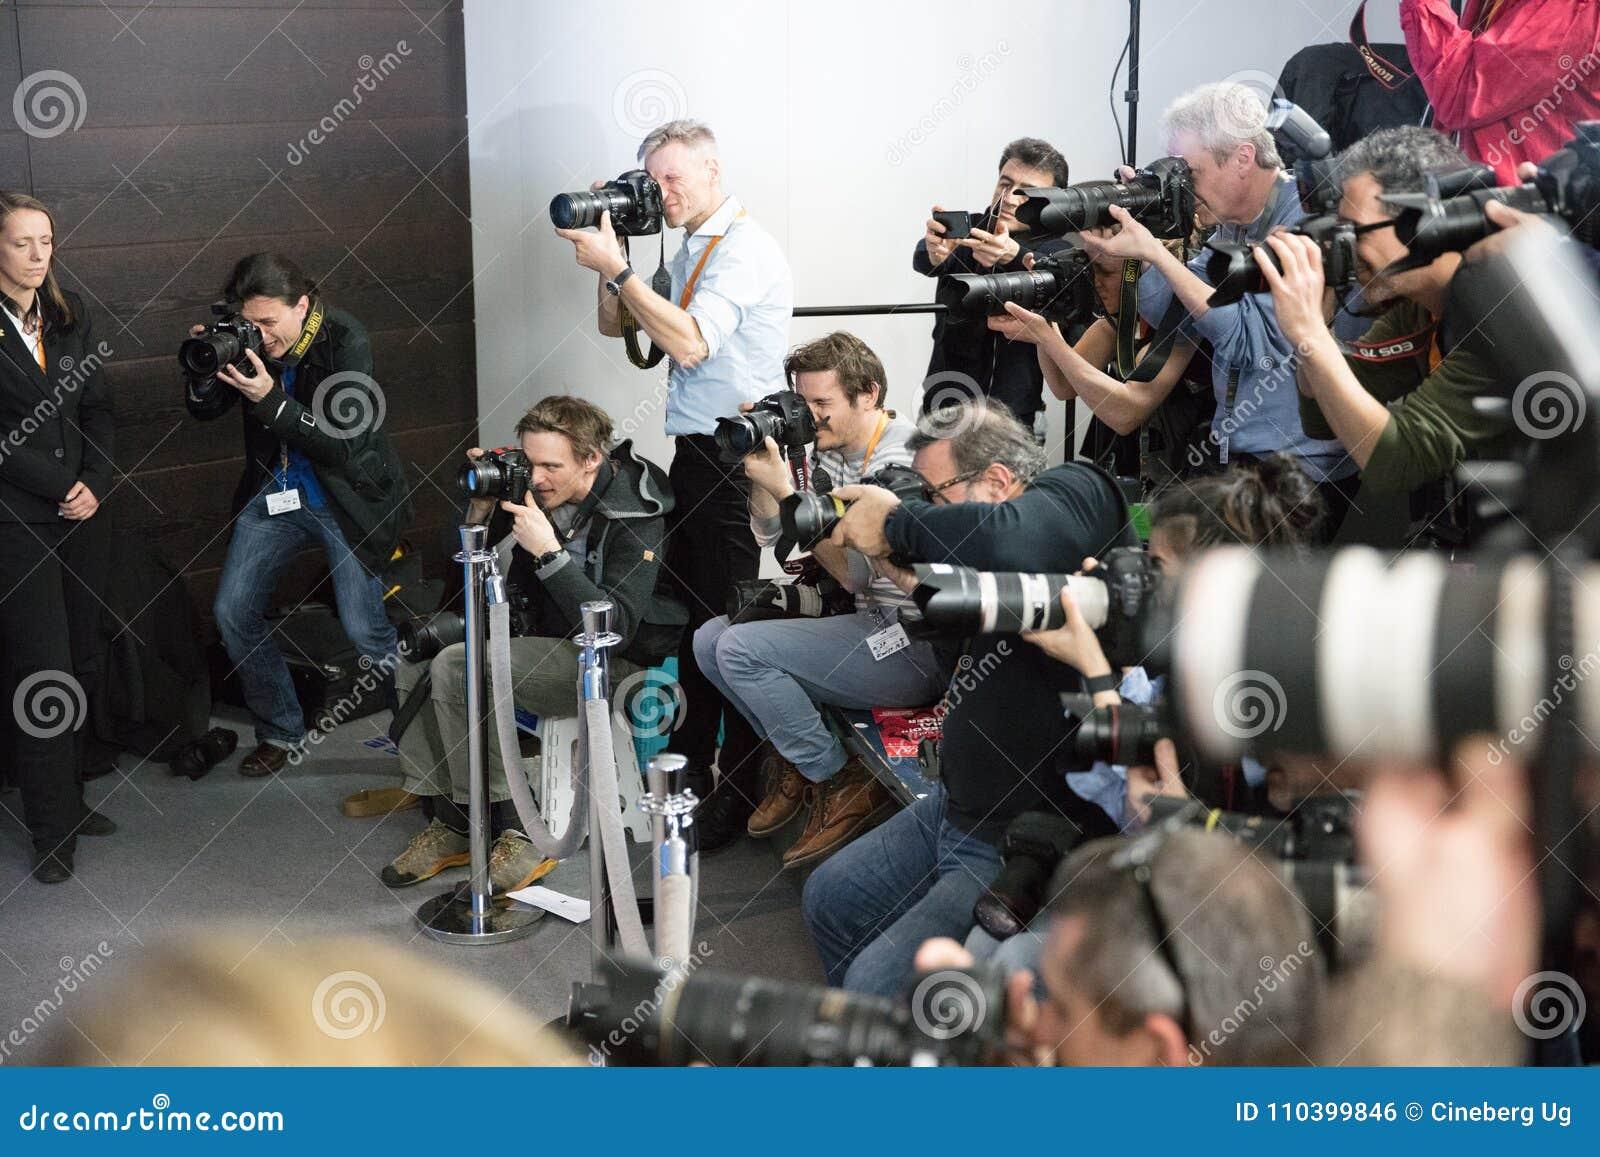 Paparazzi flashes